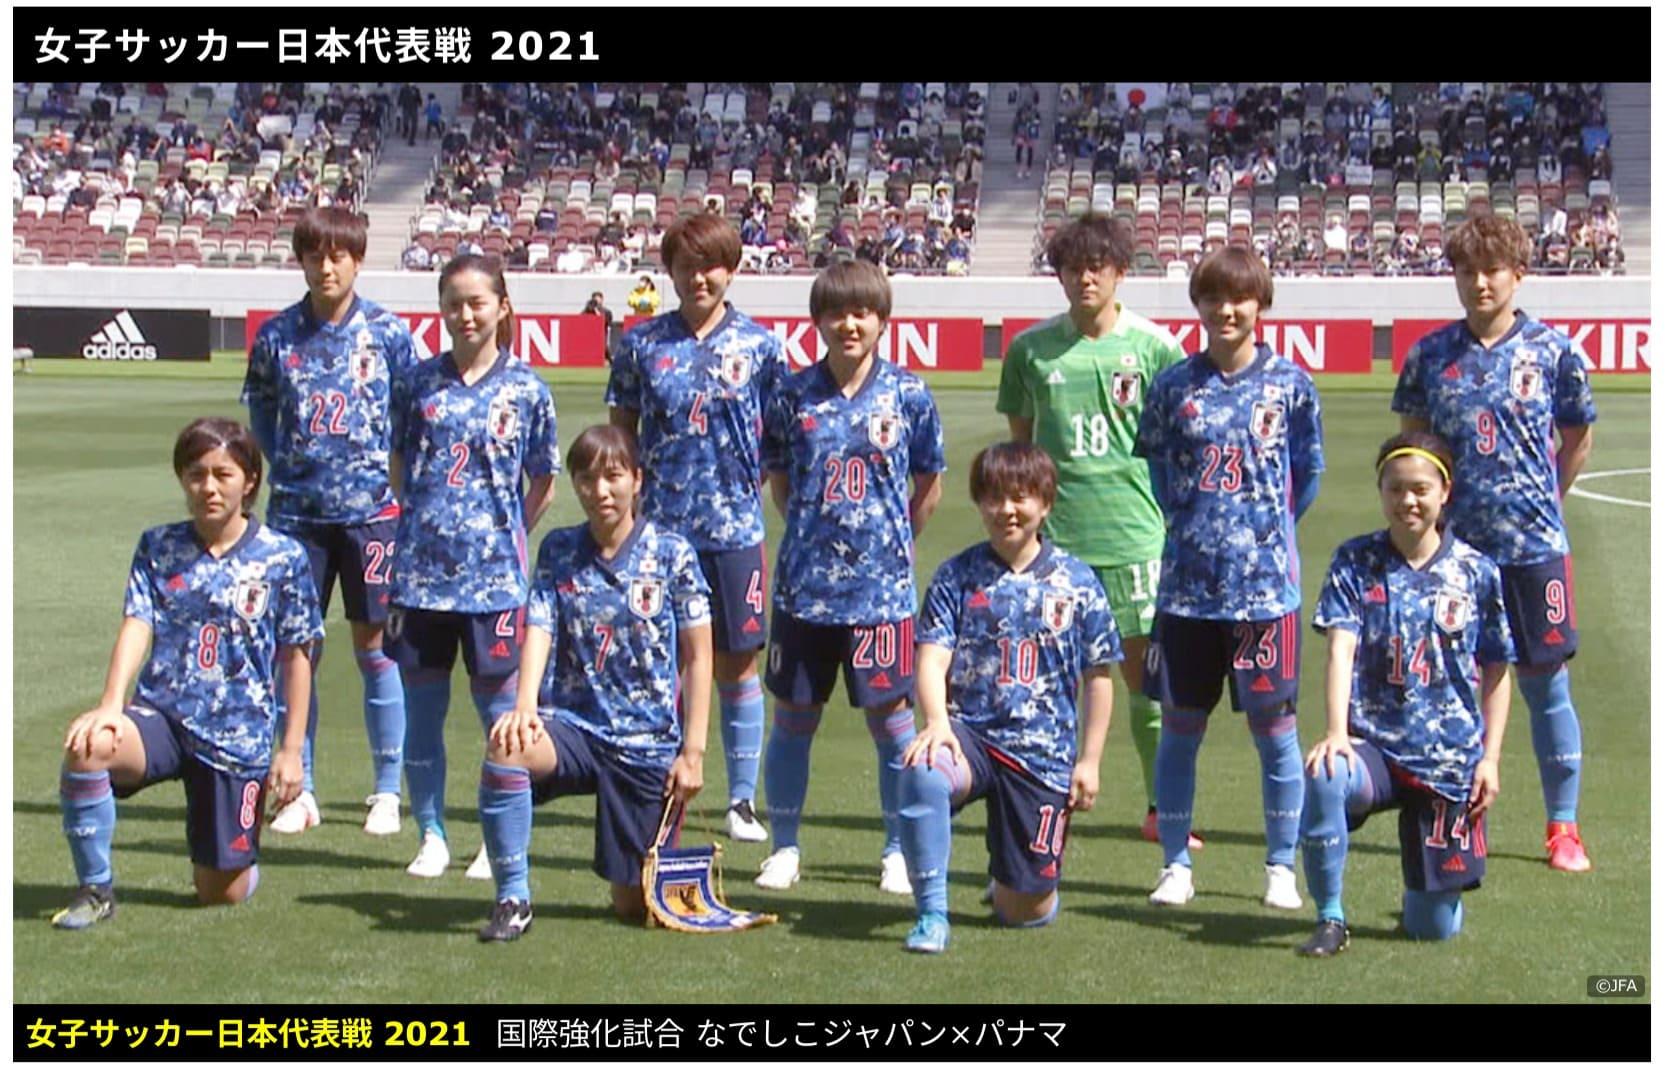 なでしこジャパン女子サッカー日本代表戦2021パナマ戦日テレジータス